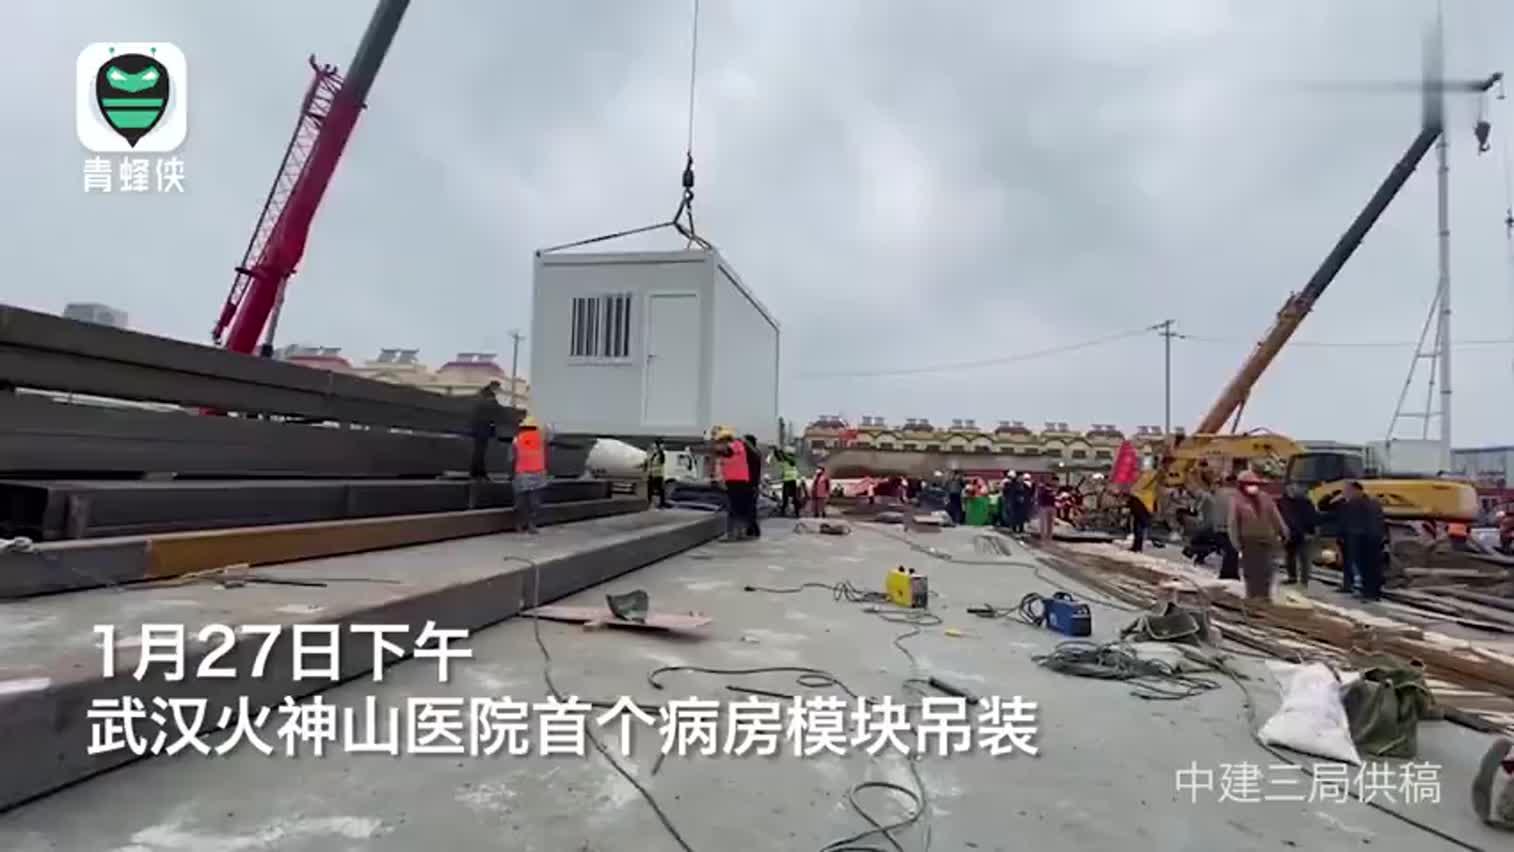 航拍:武汉火神山医院第一间病房建成 千人连夜赶工